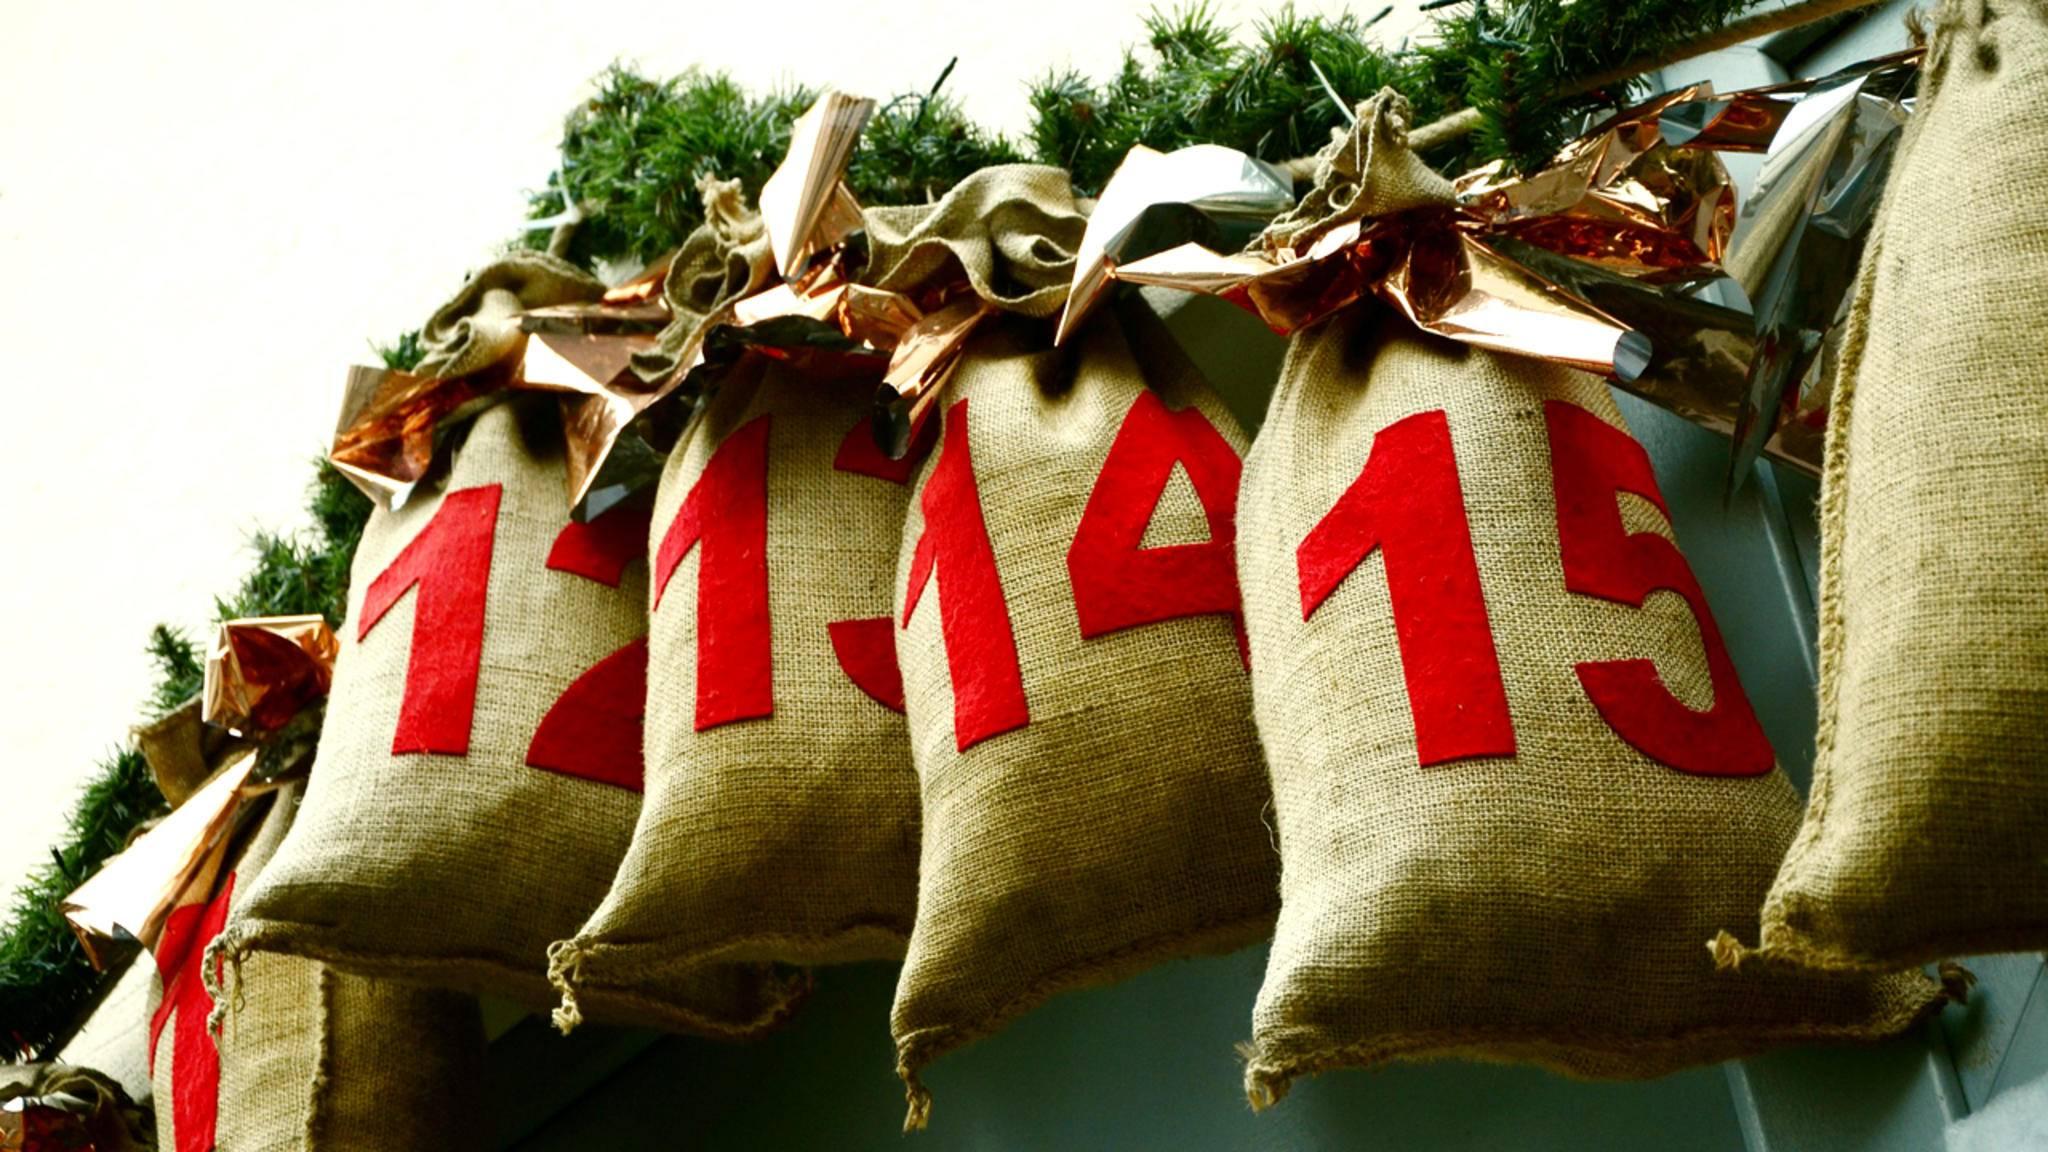 Adventskalender kaufen kann jeder! Mit diesen DIY-Ideen gibst Du der Adventszeit eine persönliche Note.